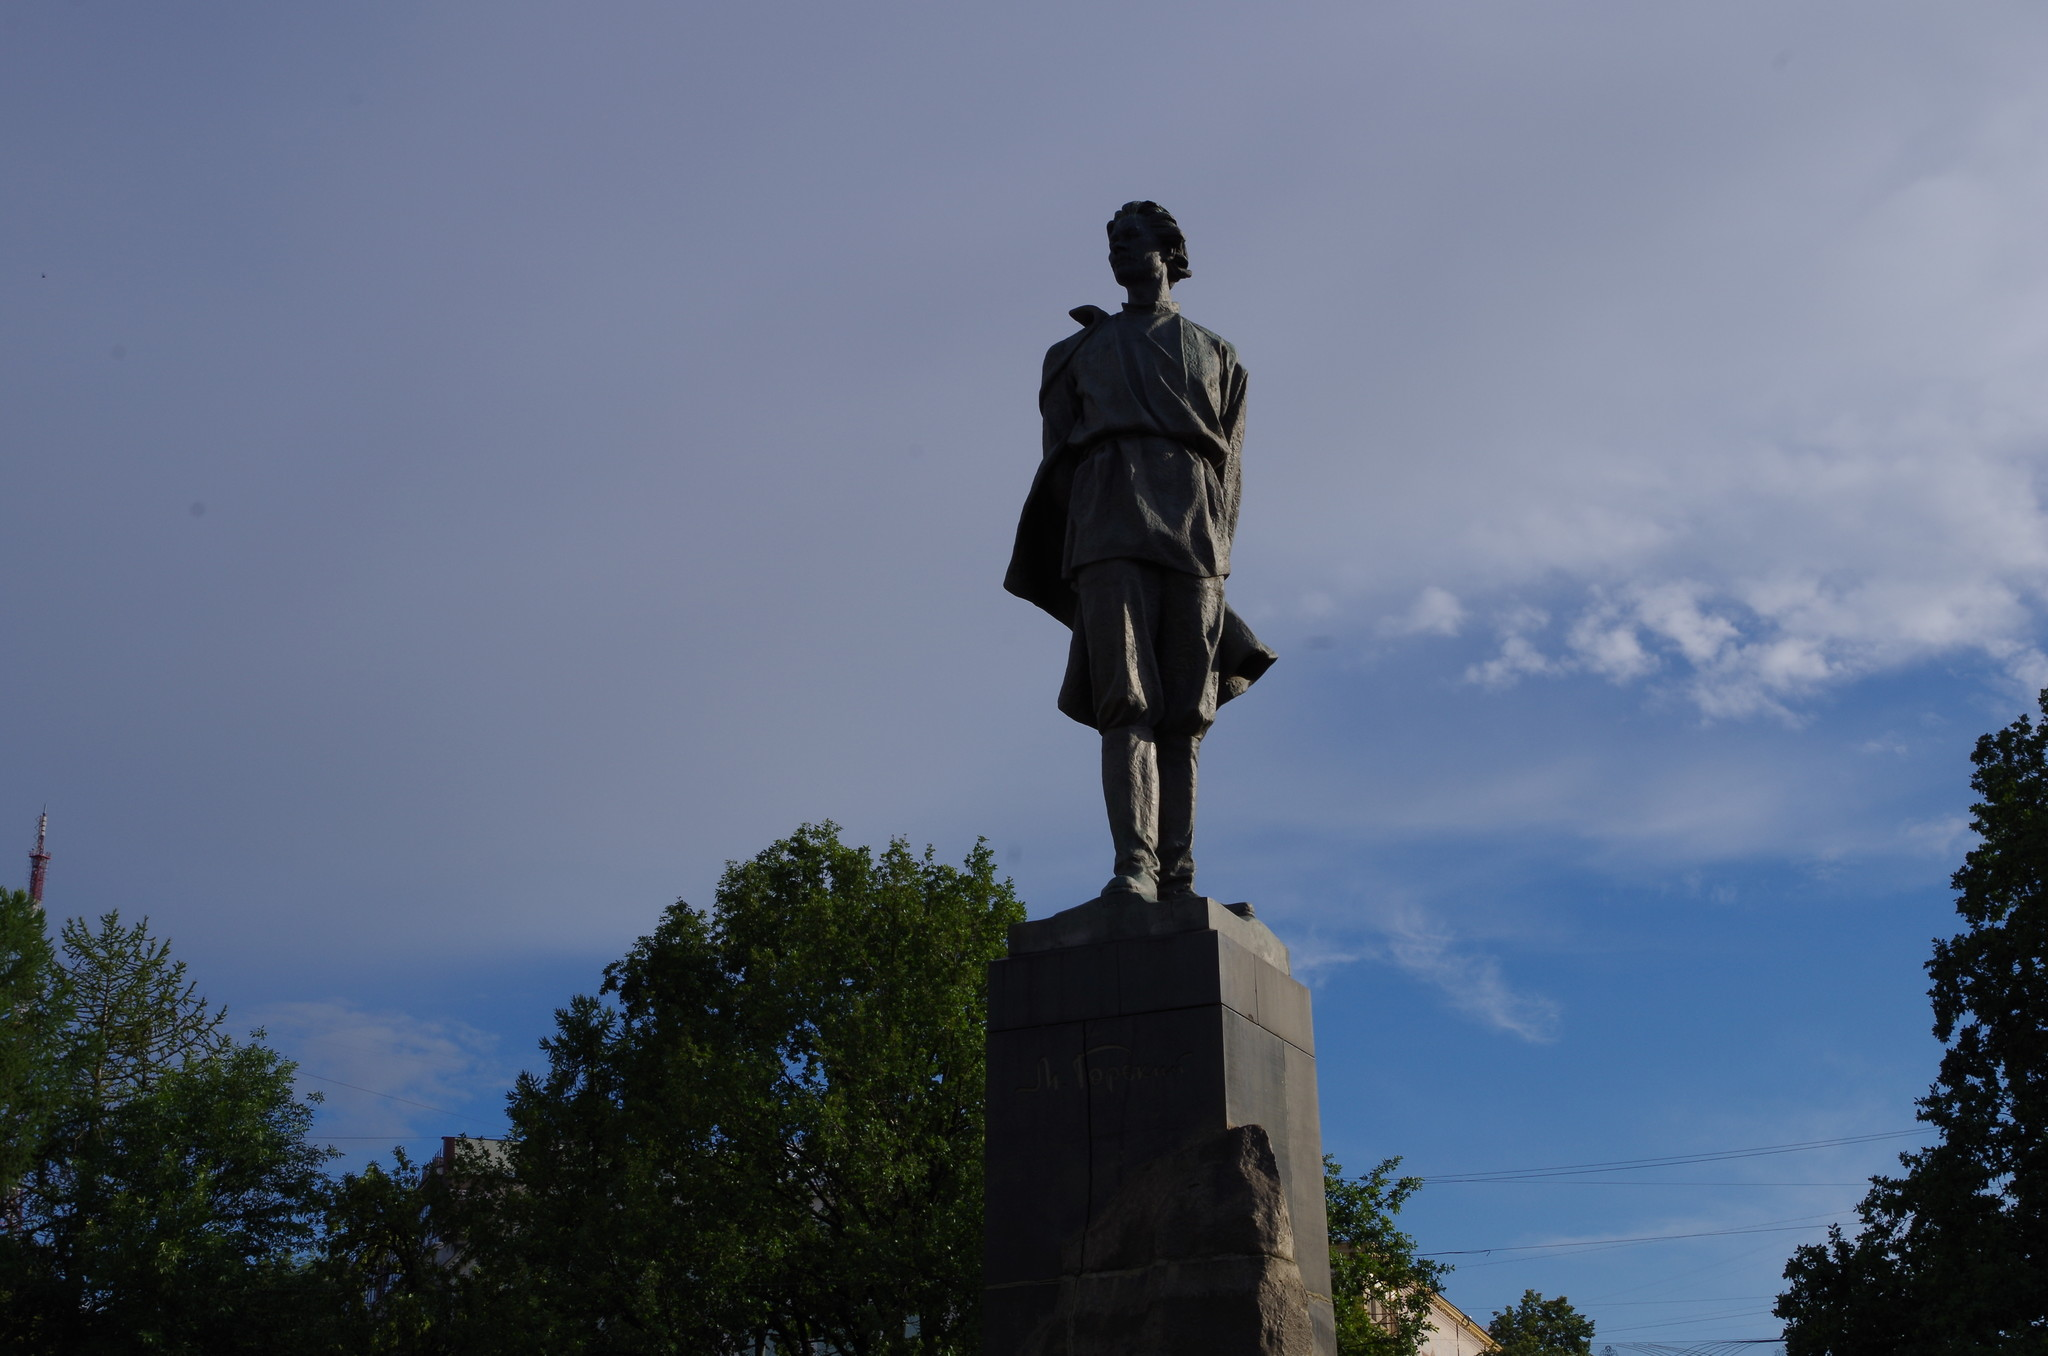 Памятник Максиму Горькому в Нижнем Новгороде, находящийся в сквере на площади Горького